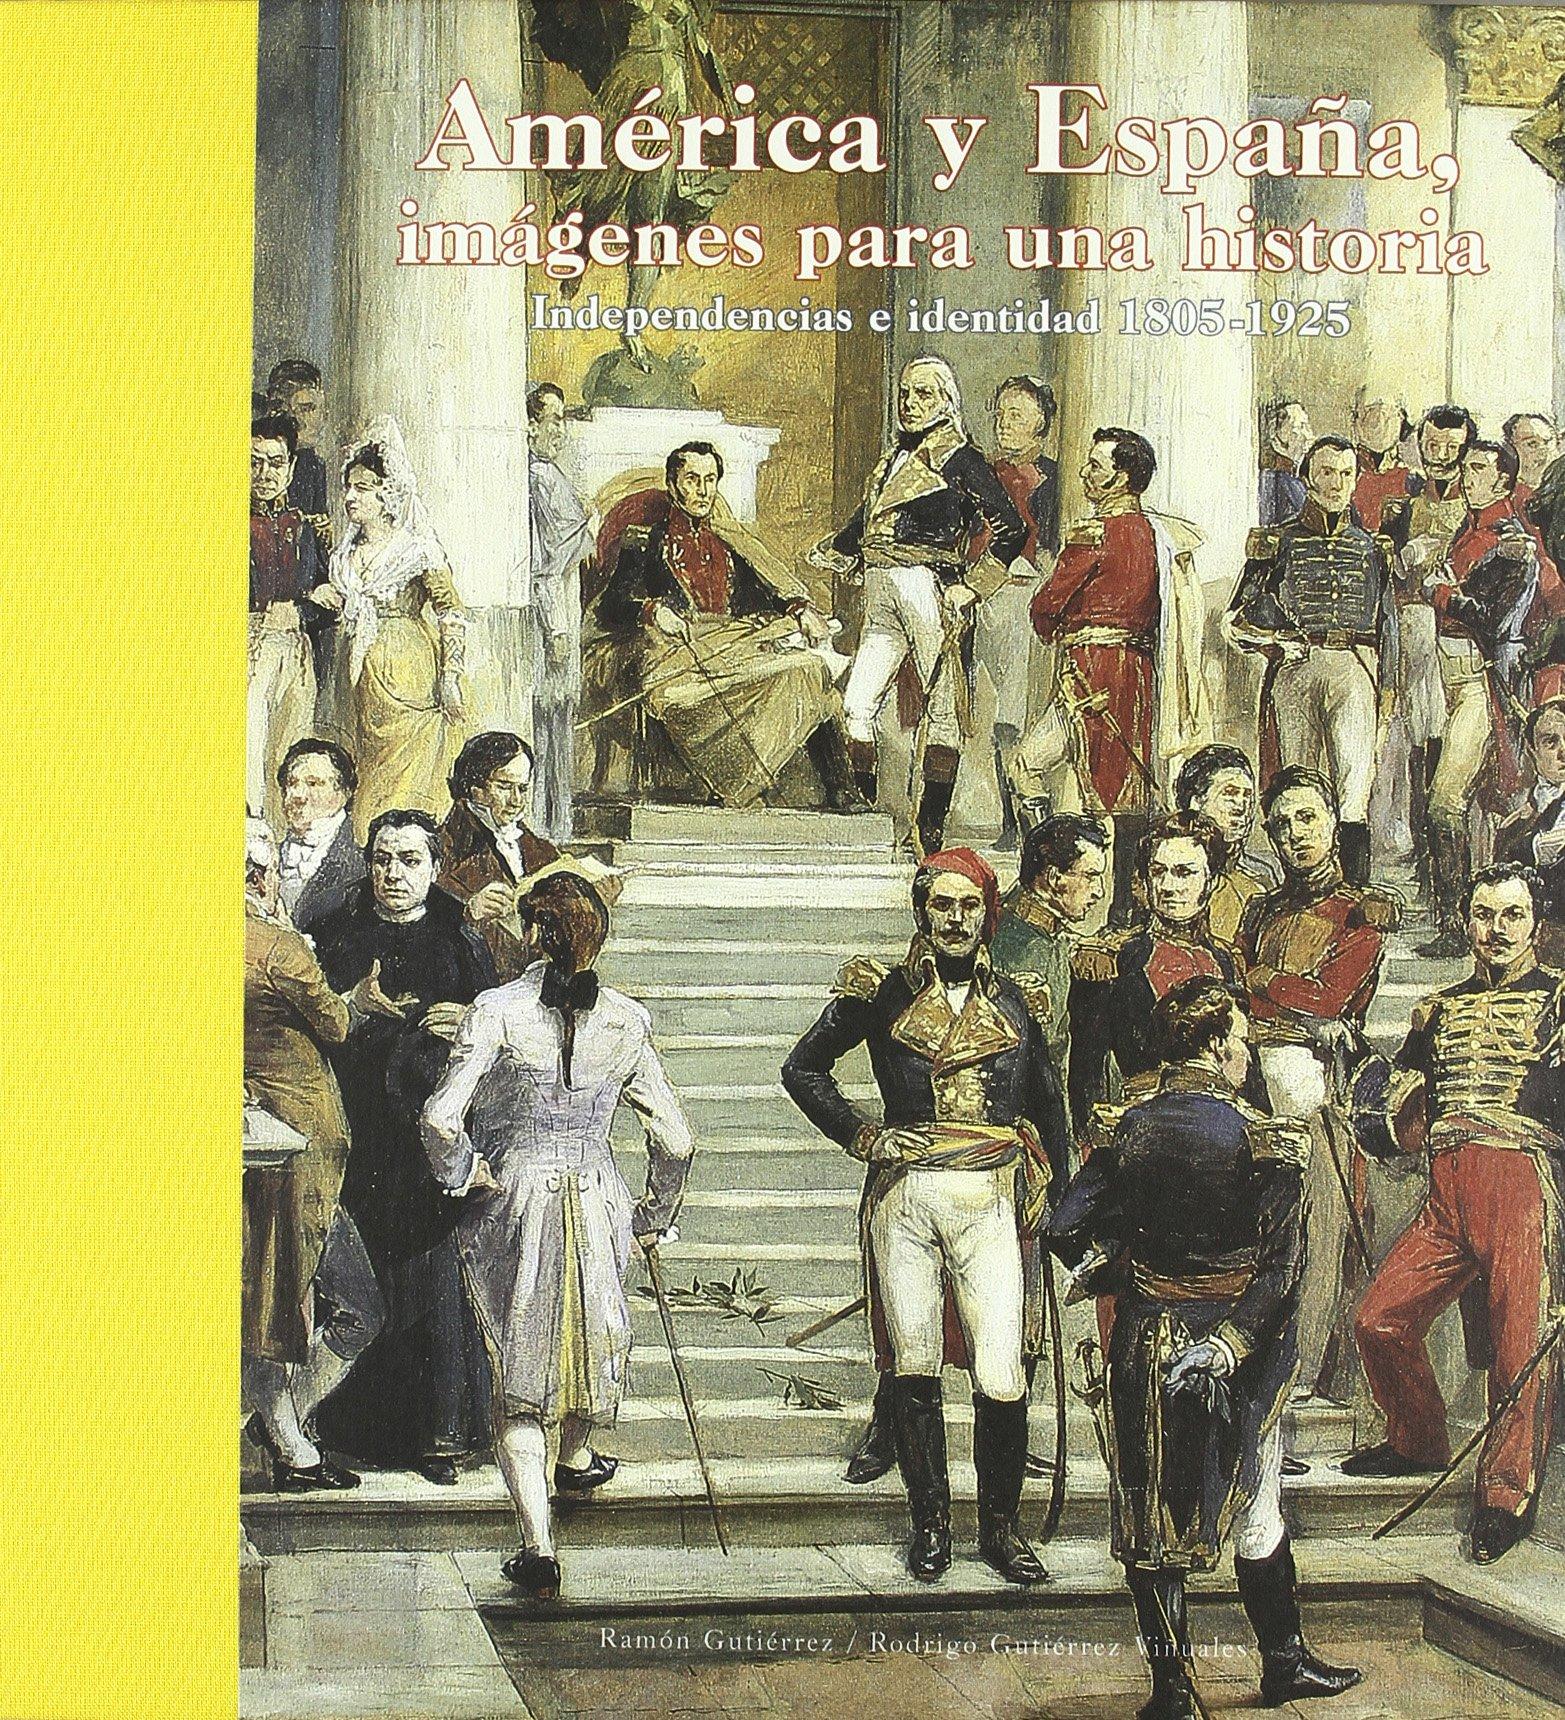 América y España: imágenes para una historia : independencia e identidad, 1805-1925: Amazon.es: Gutiérrez, Ramón, Gutiérrez Viñuales, Rodrigo: Libros